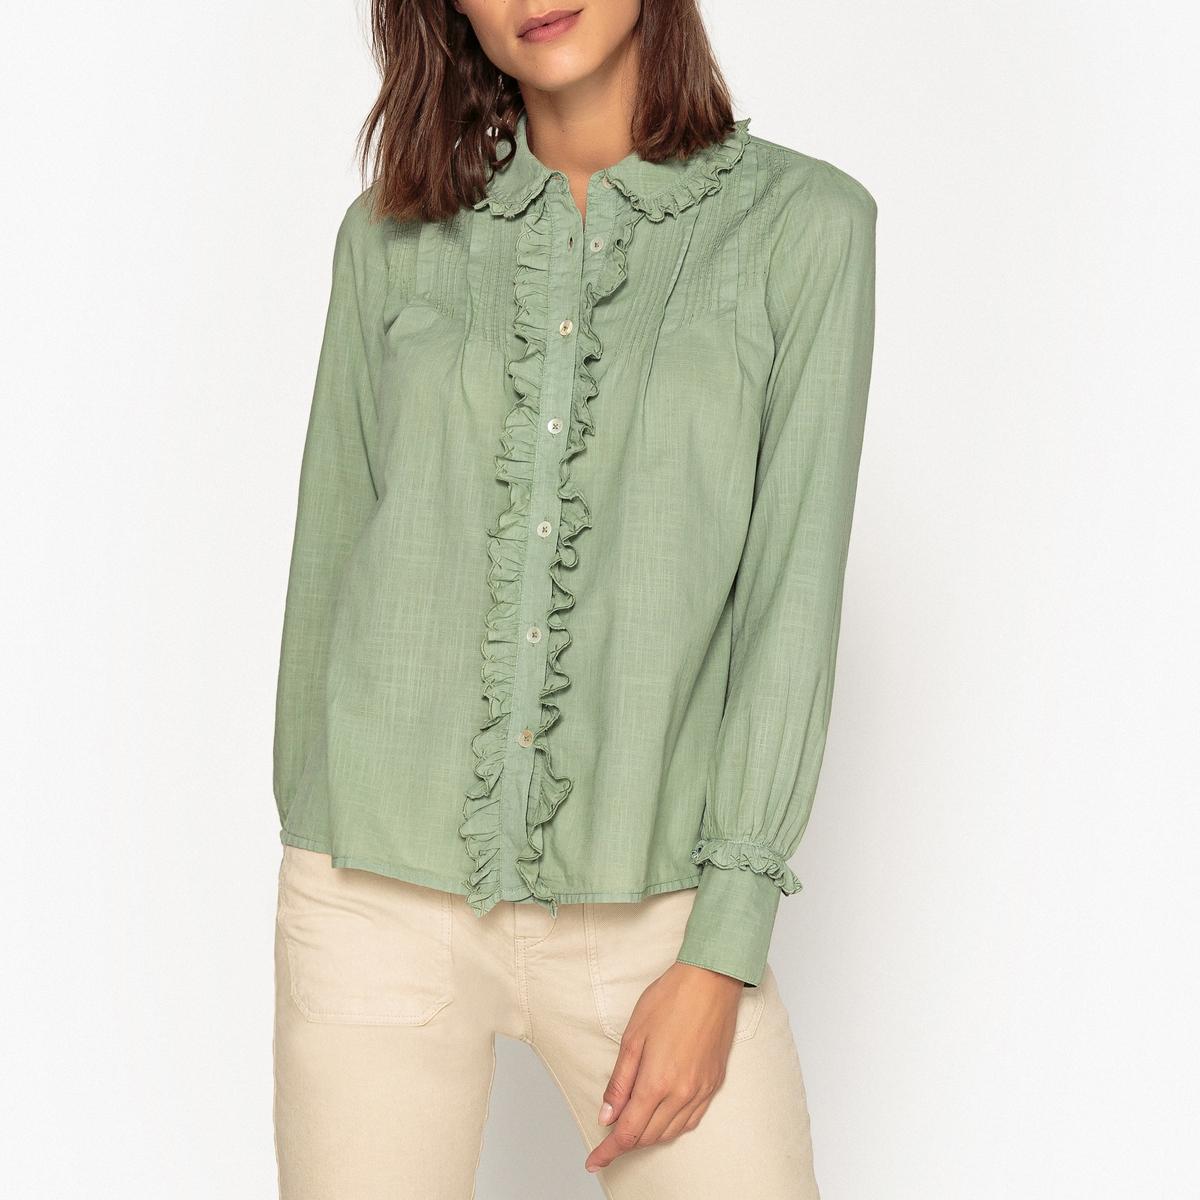 Блузка с воланами и длинными рукавами CLIC блузка в клетку с воланами и длинными рукавами check